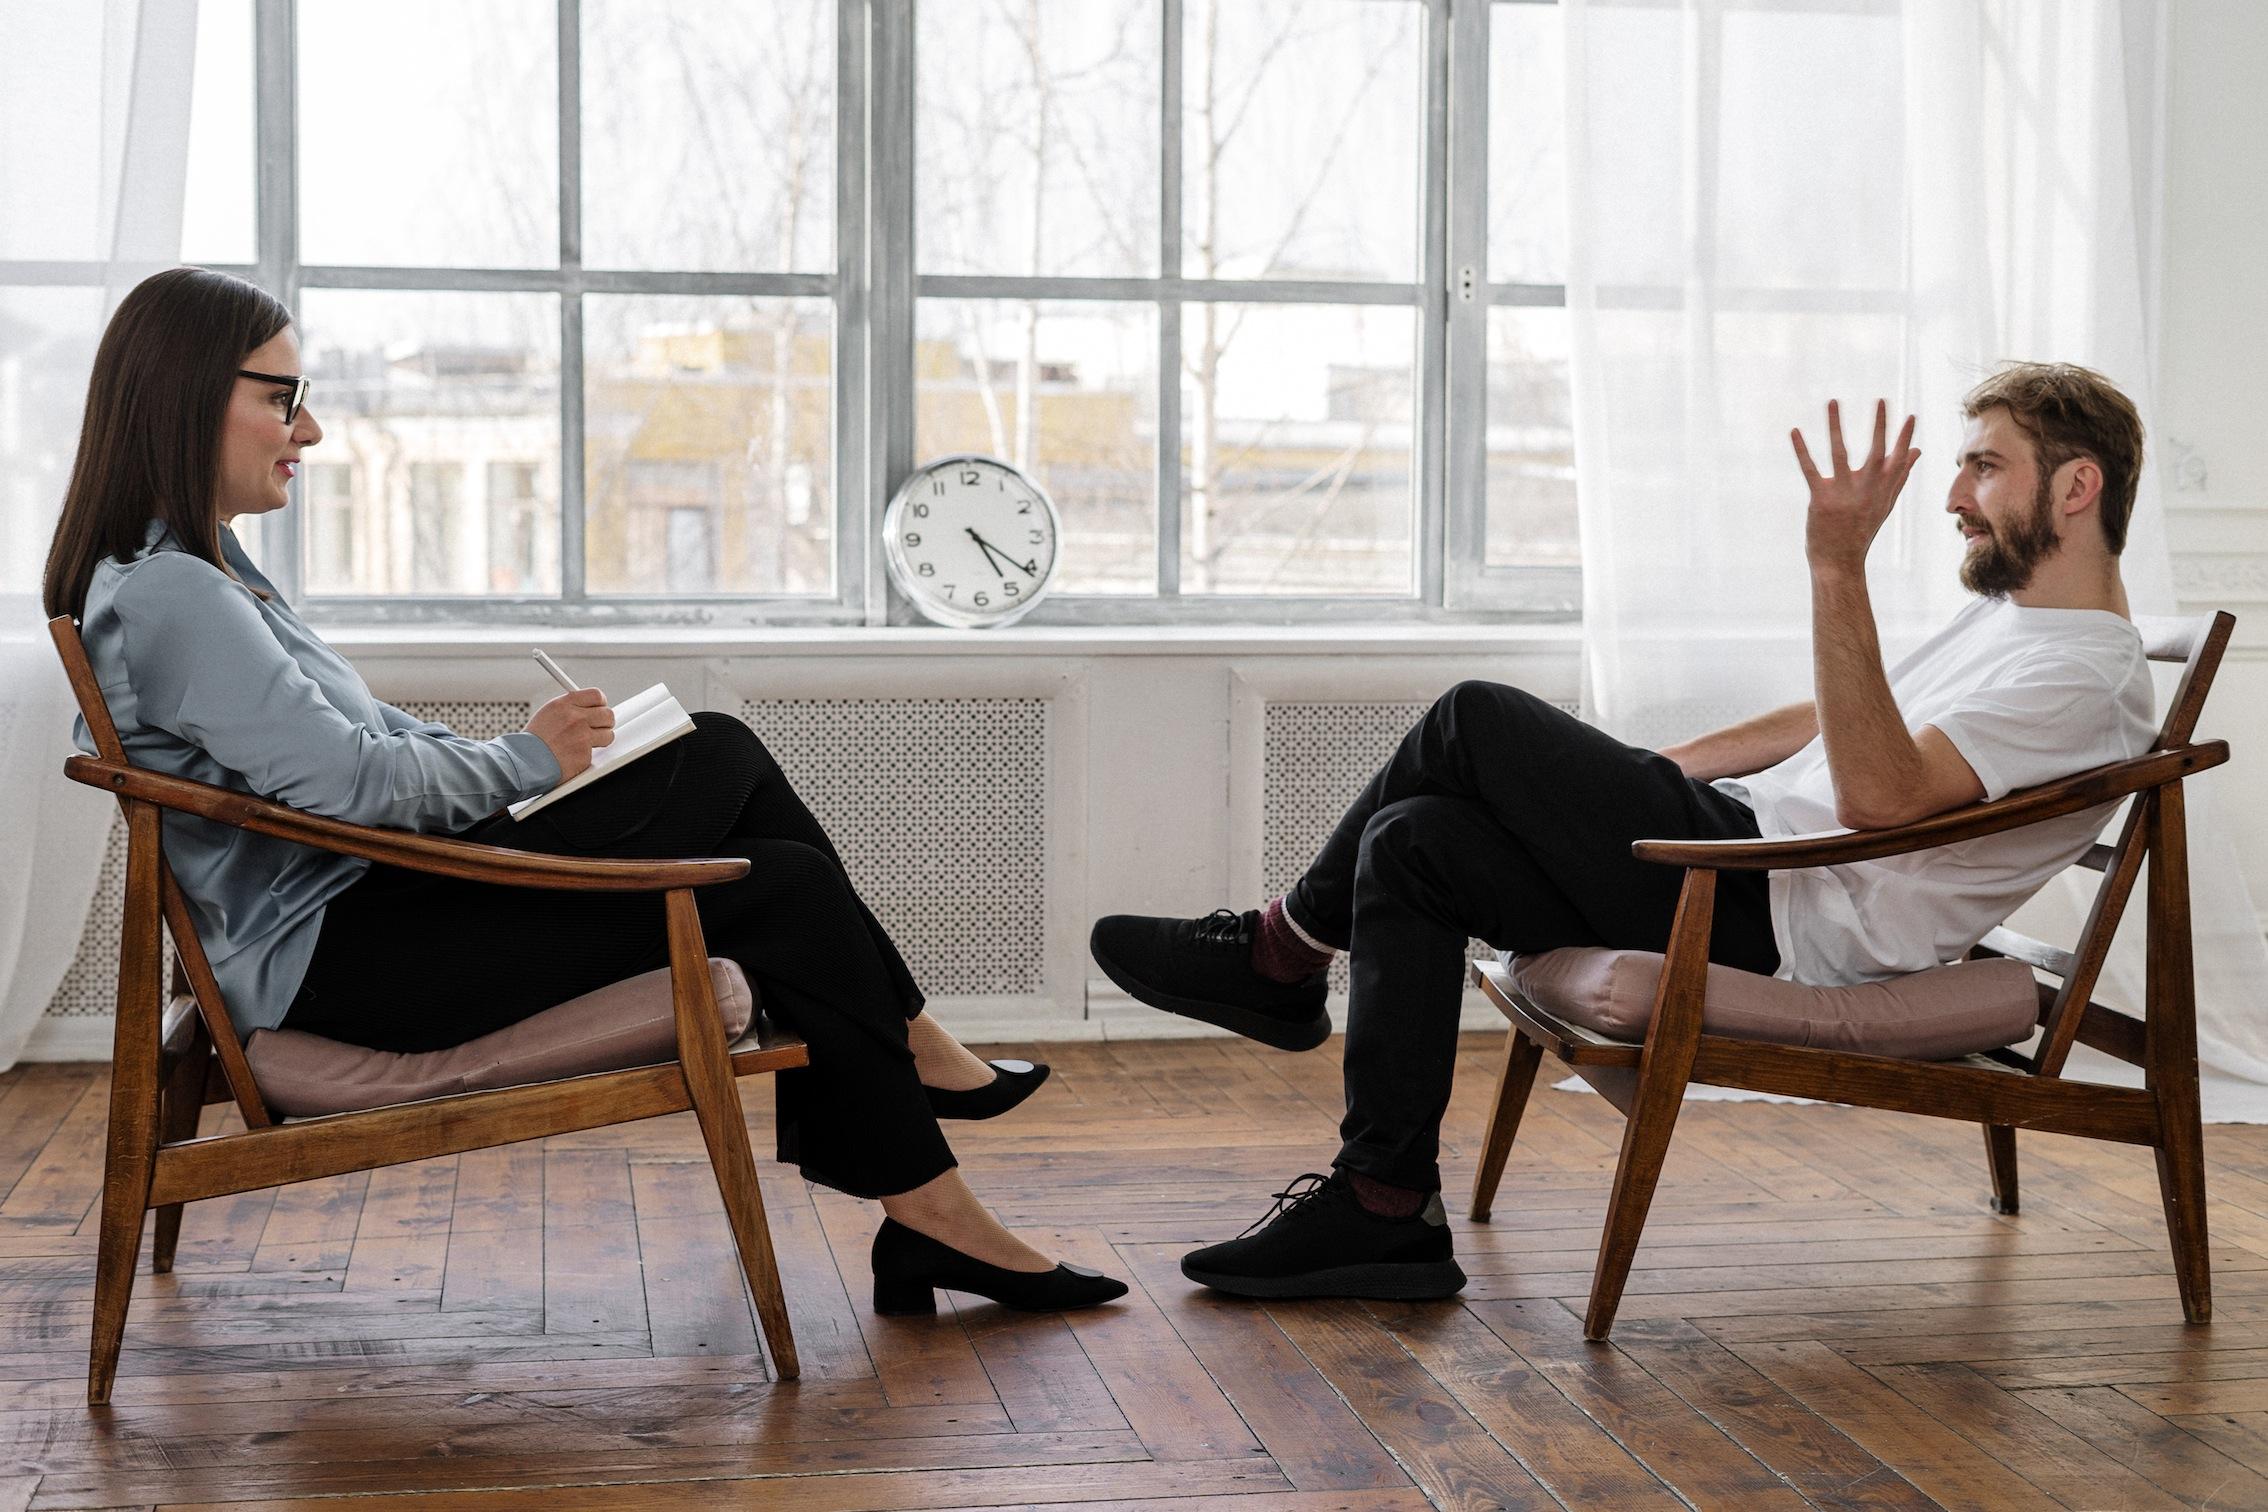 """Ośrodek Leczenia Zaburzeń Odżywiania """"Otulenie"""" w Warszawie zaprasza do wzięcia udziału w turnusach terapii anoreksji, bulimii, kompulsywnego jedzenia, ortoreksji, otyłości"""